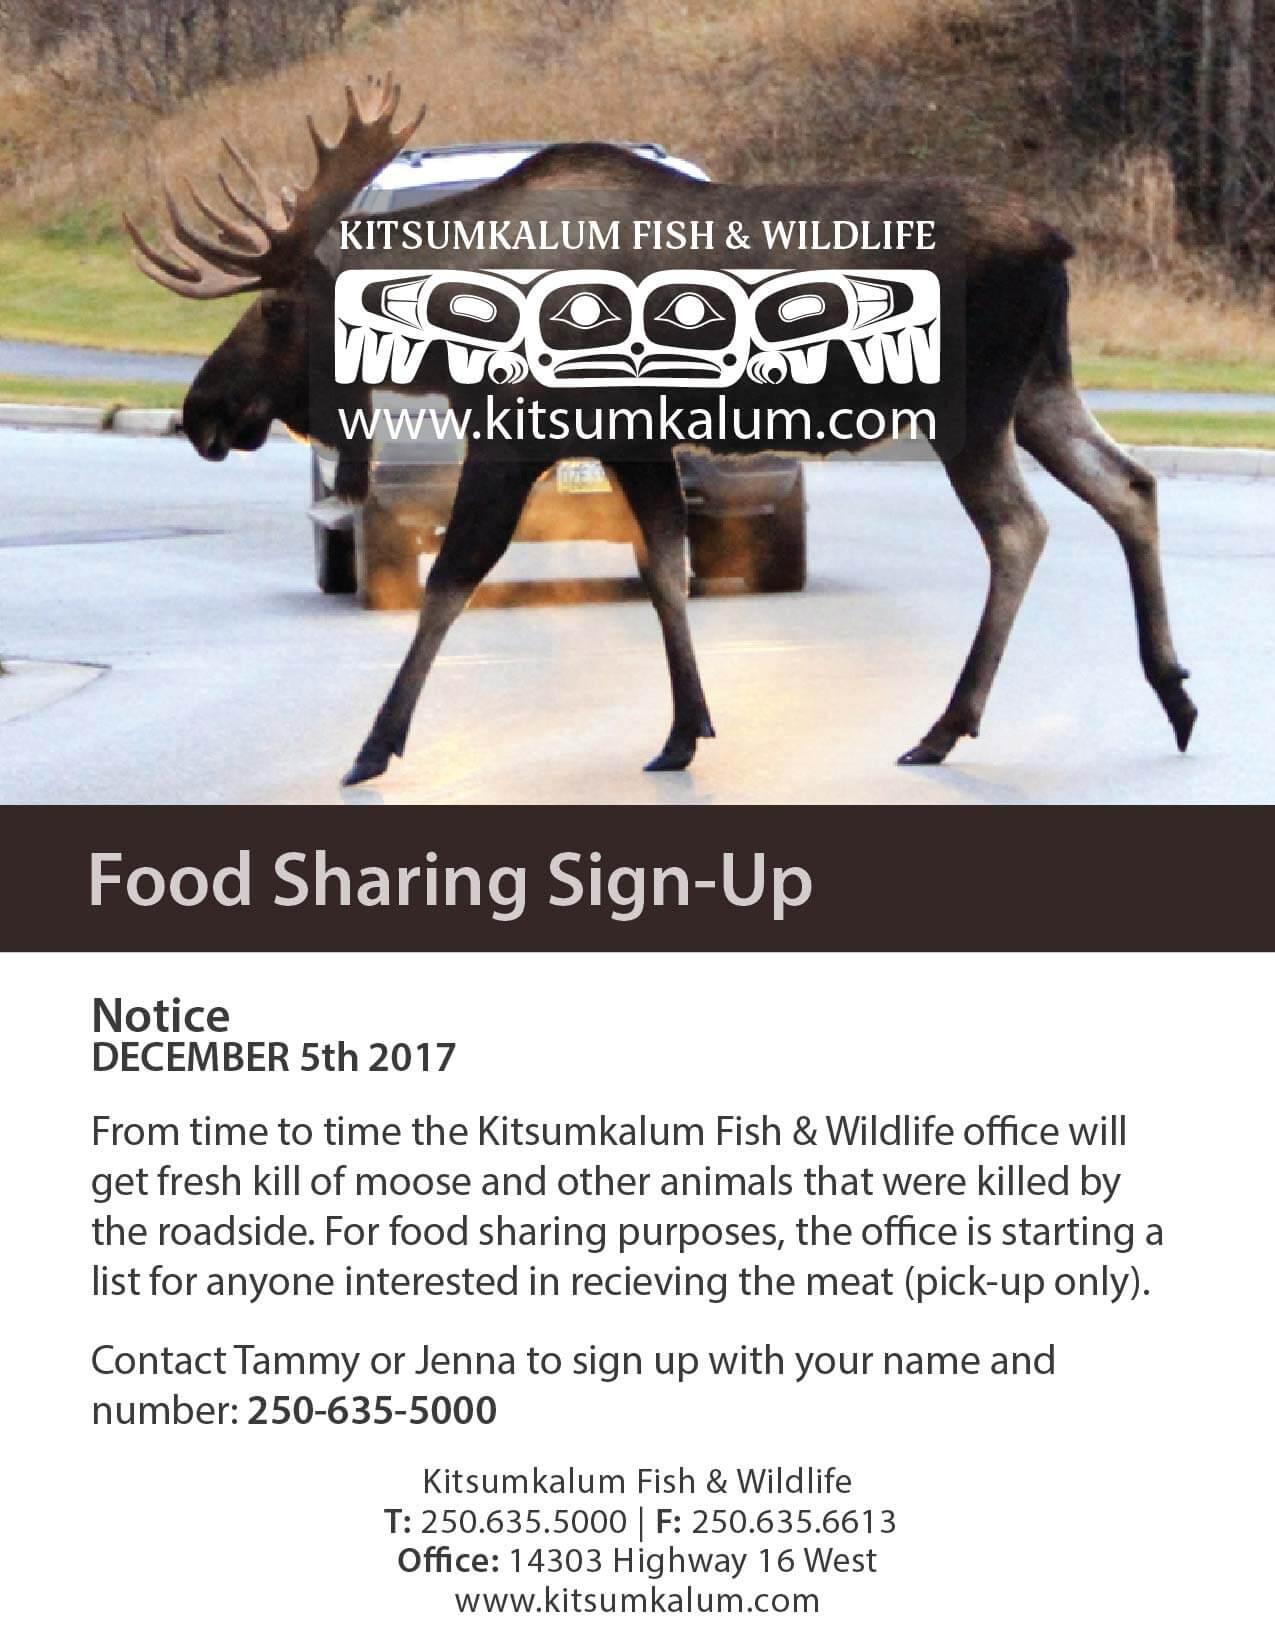 Food Sharing Sign Up